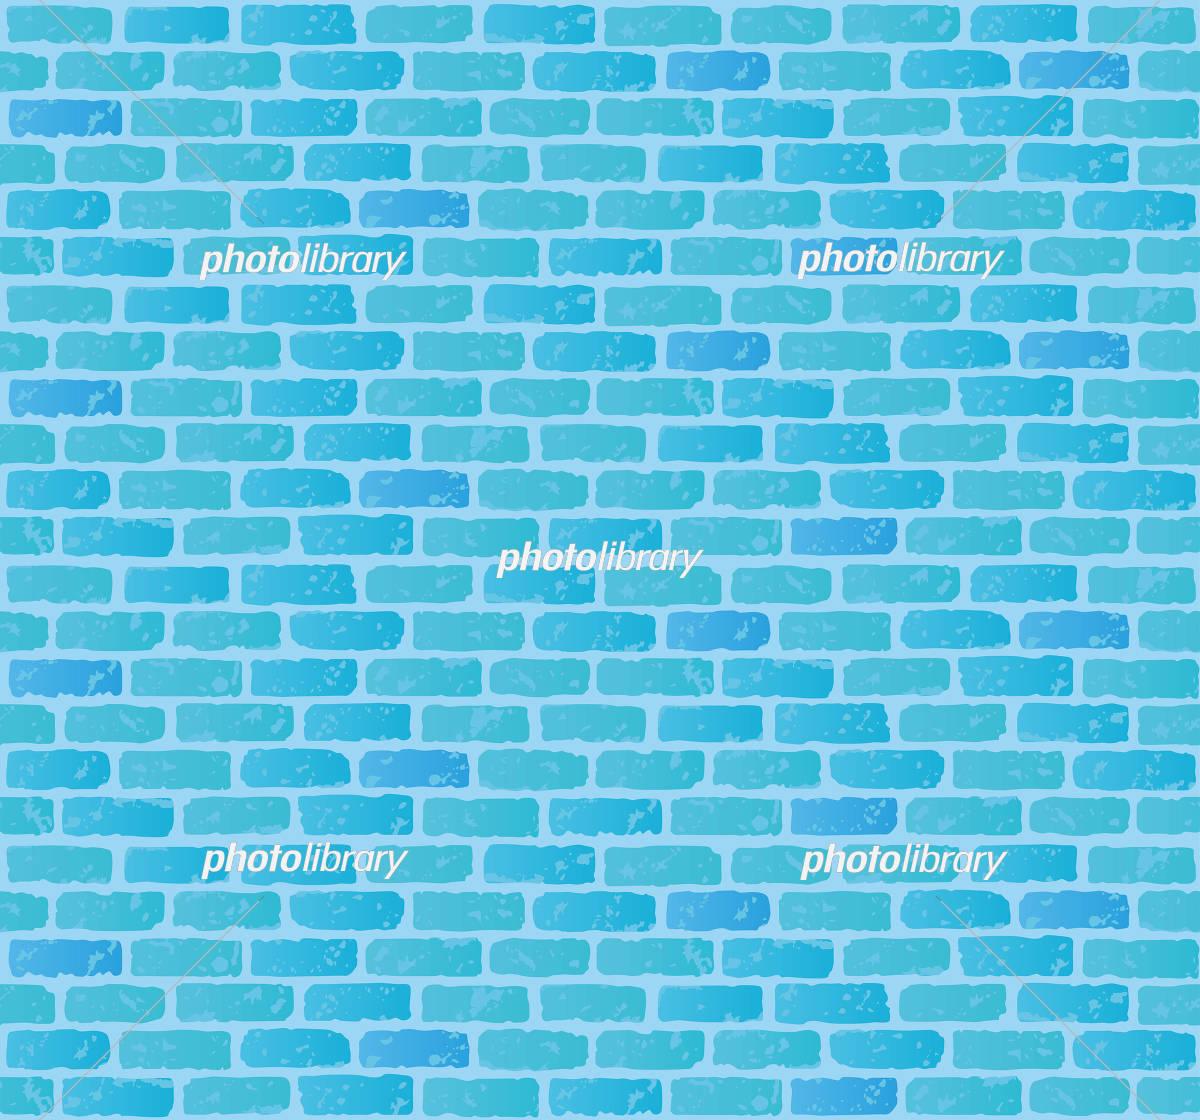 レンガ壁 アンティーク煉瓦 イラスト素材 5492042 フォトライブ